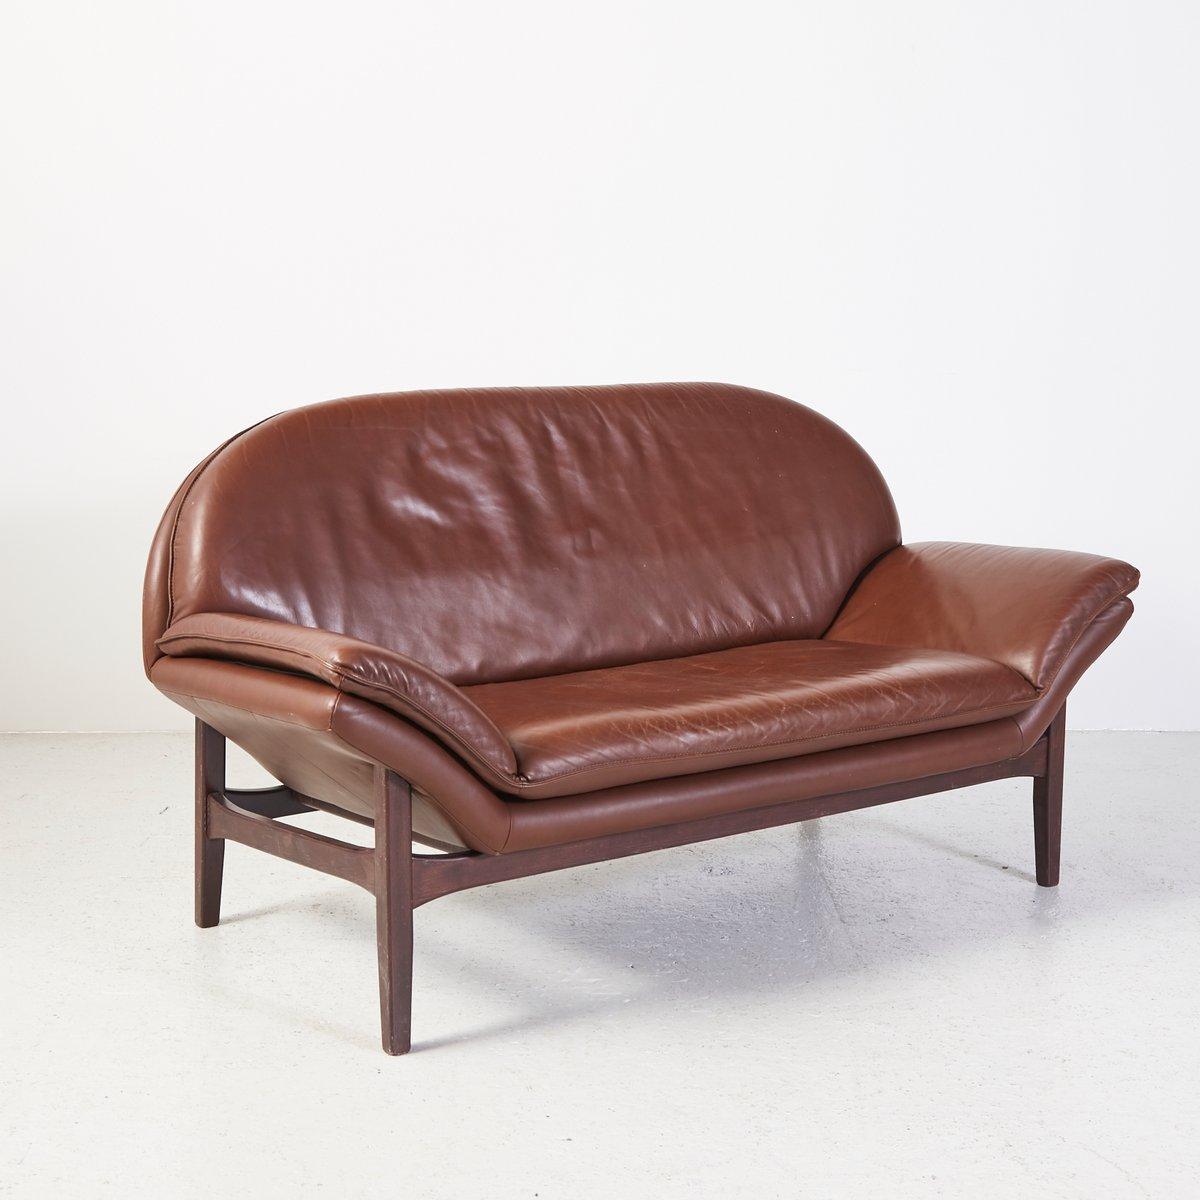 Divano a due posti vintage in pelle in vendita su Pamono